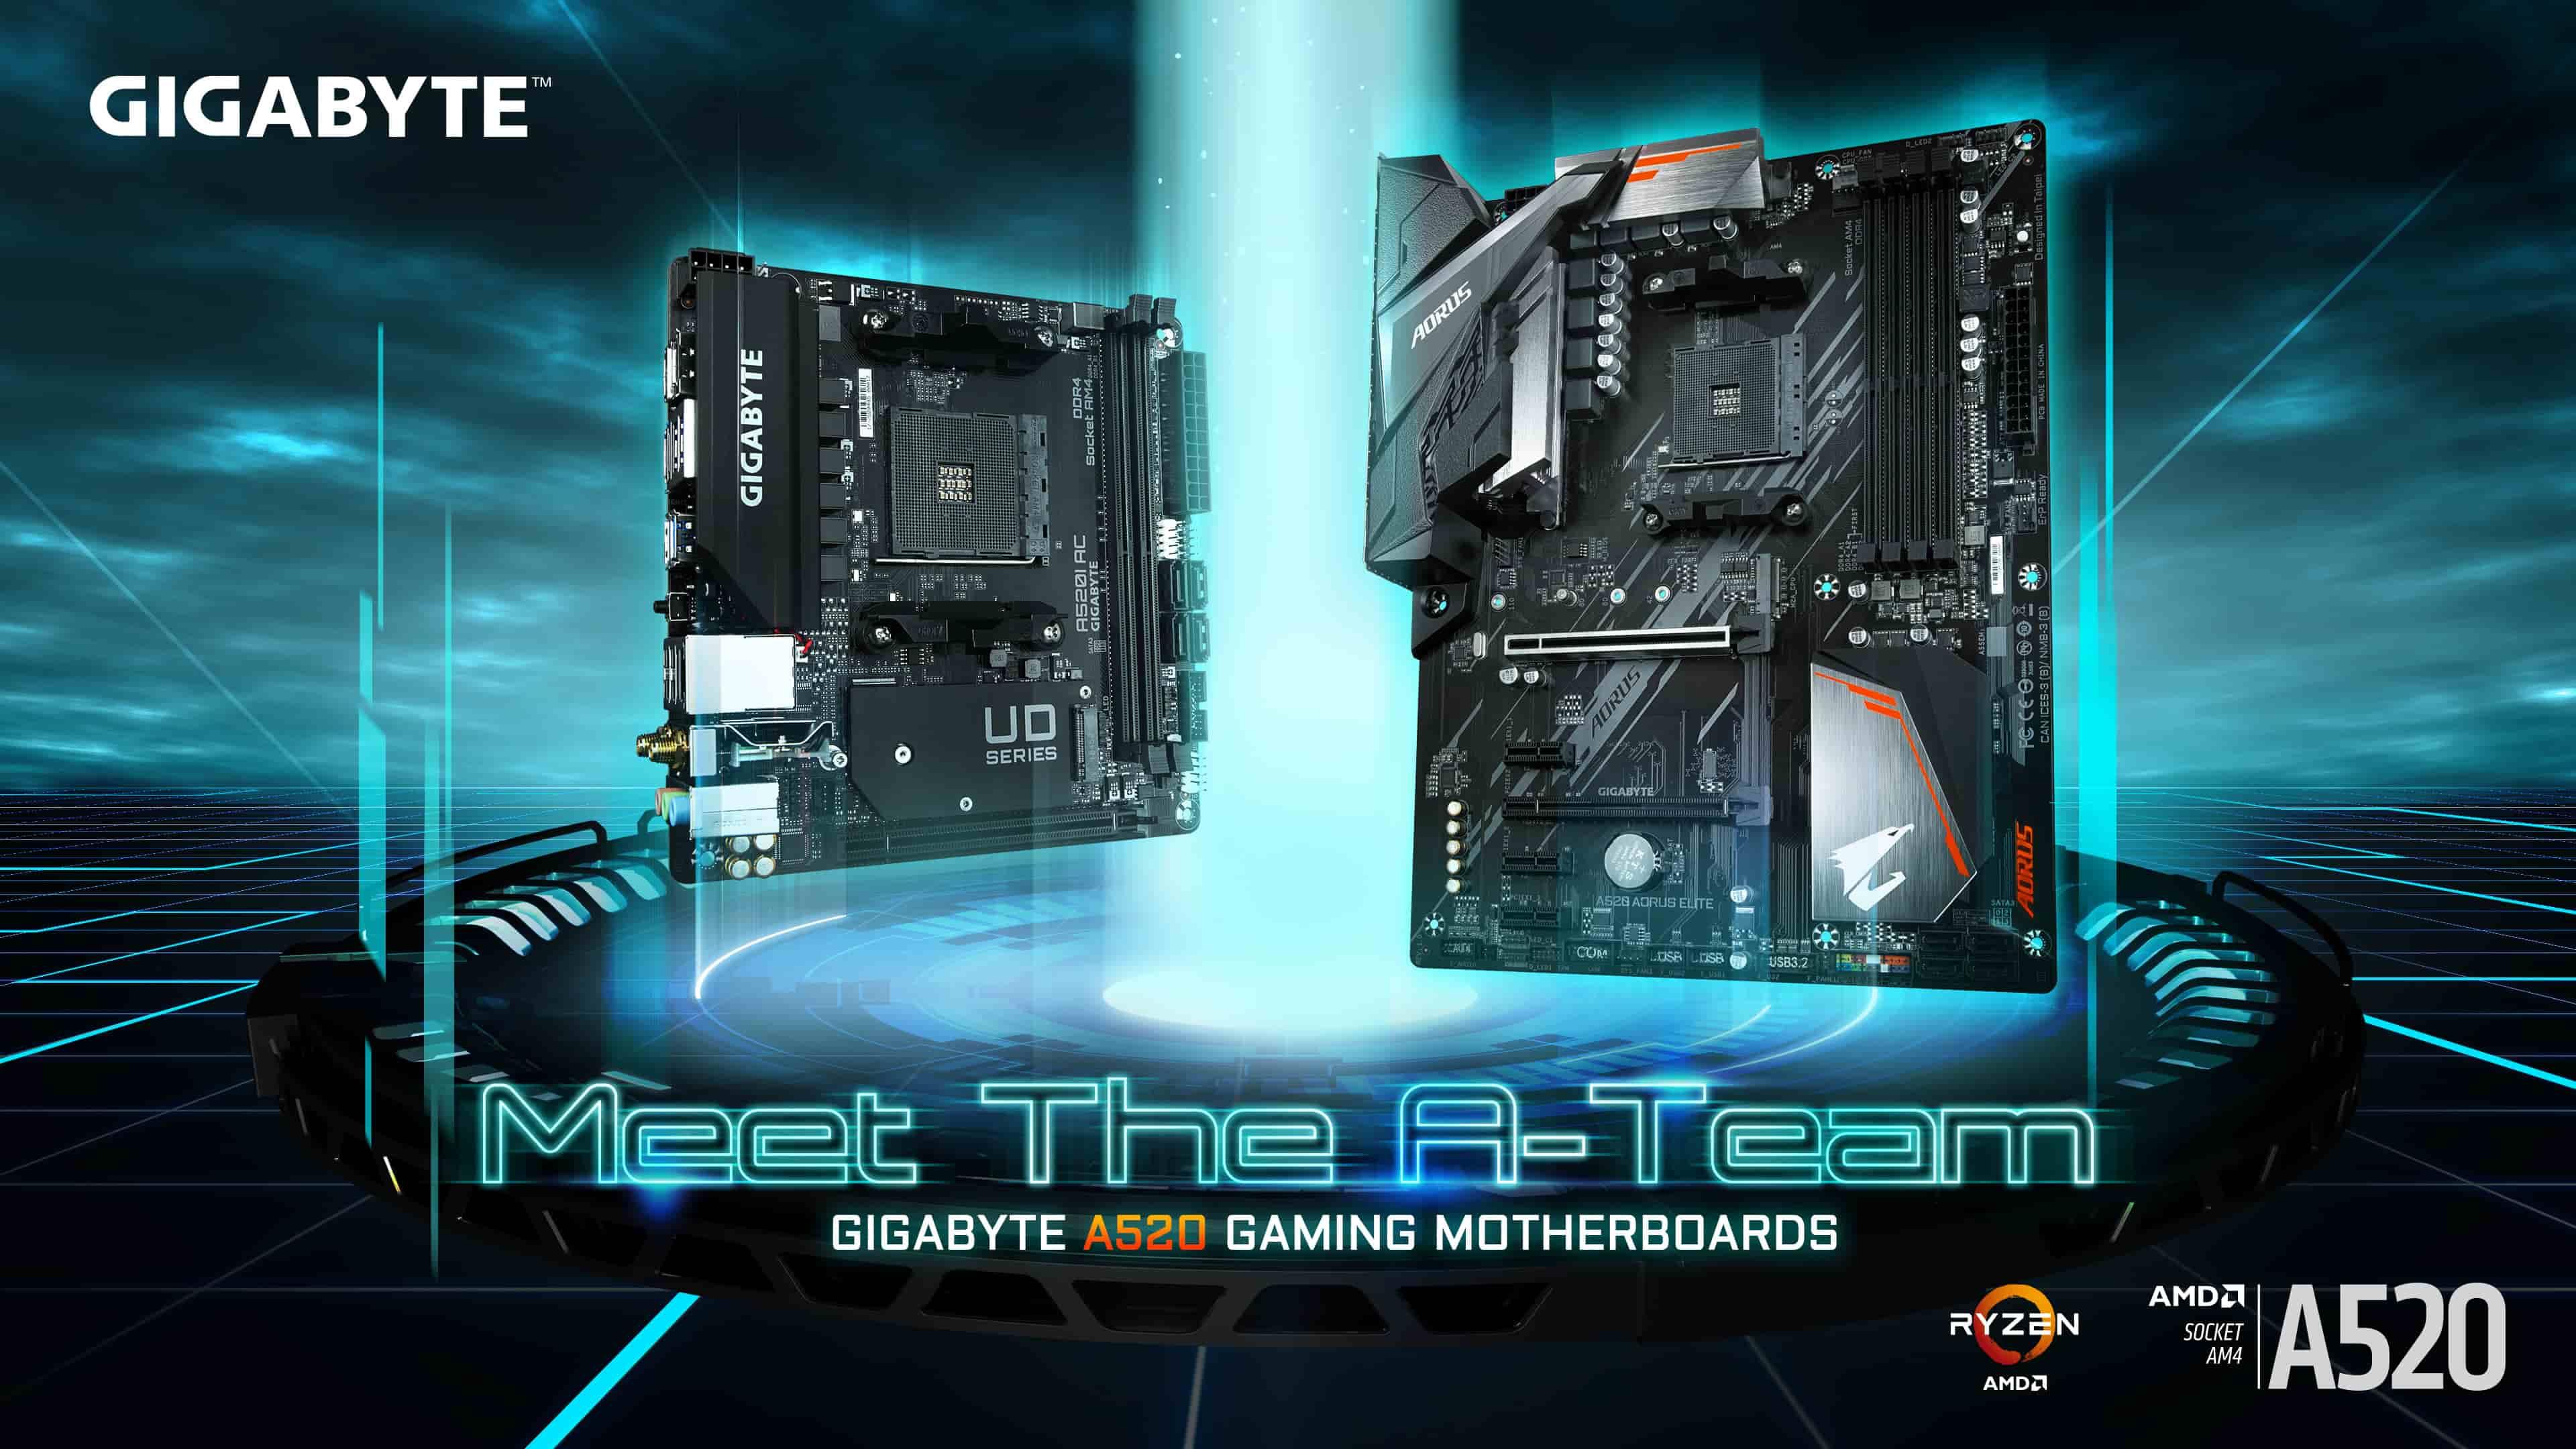 技嘉搶先推出多款搭載A520晶片組的AMD主機板